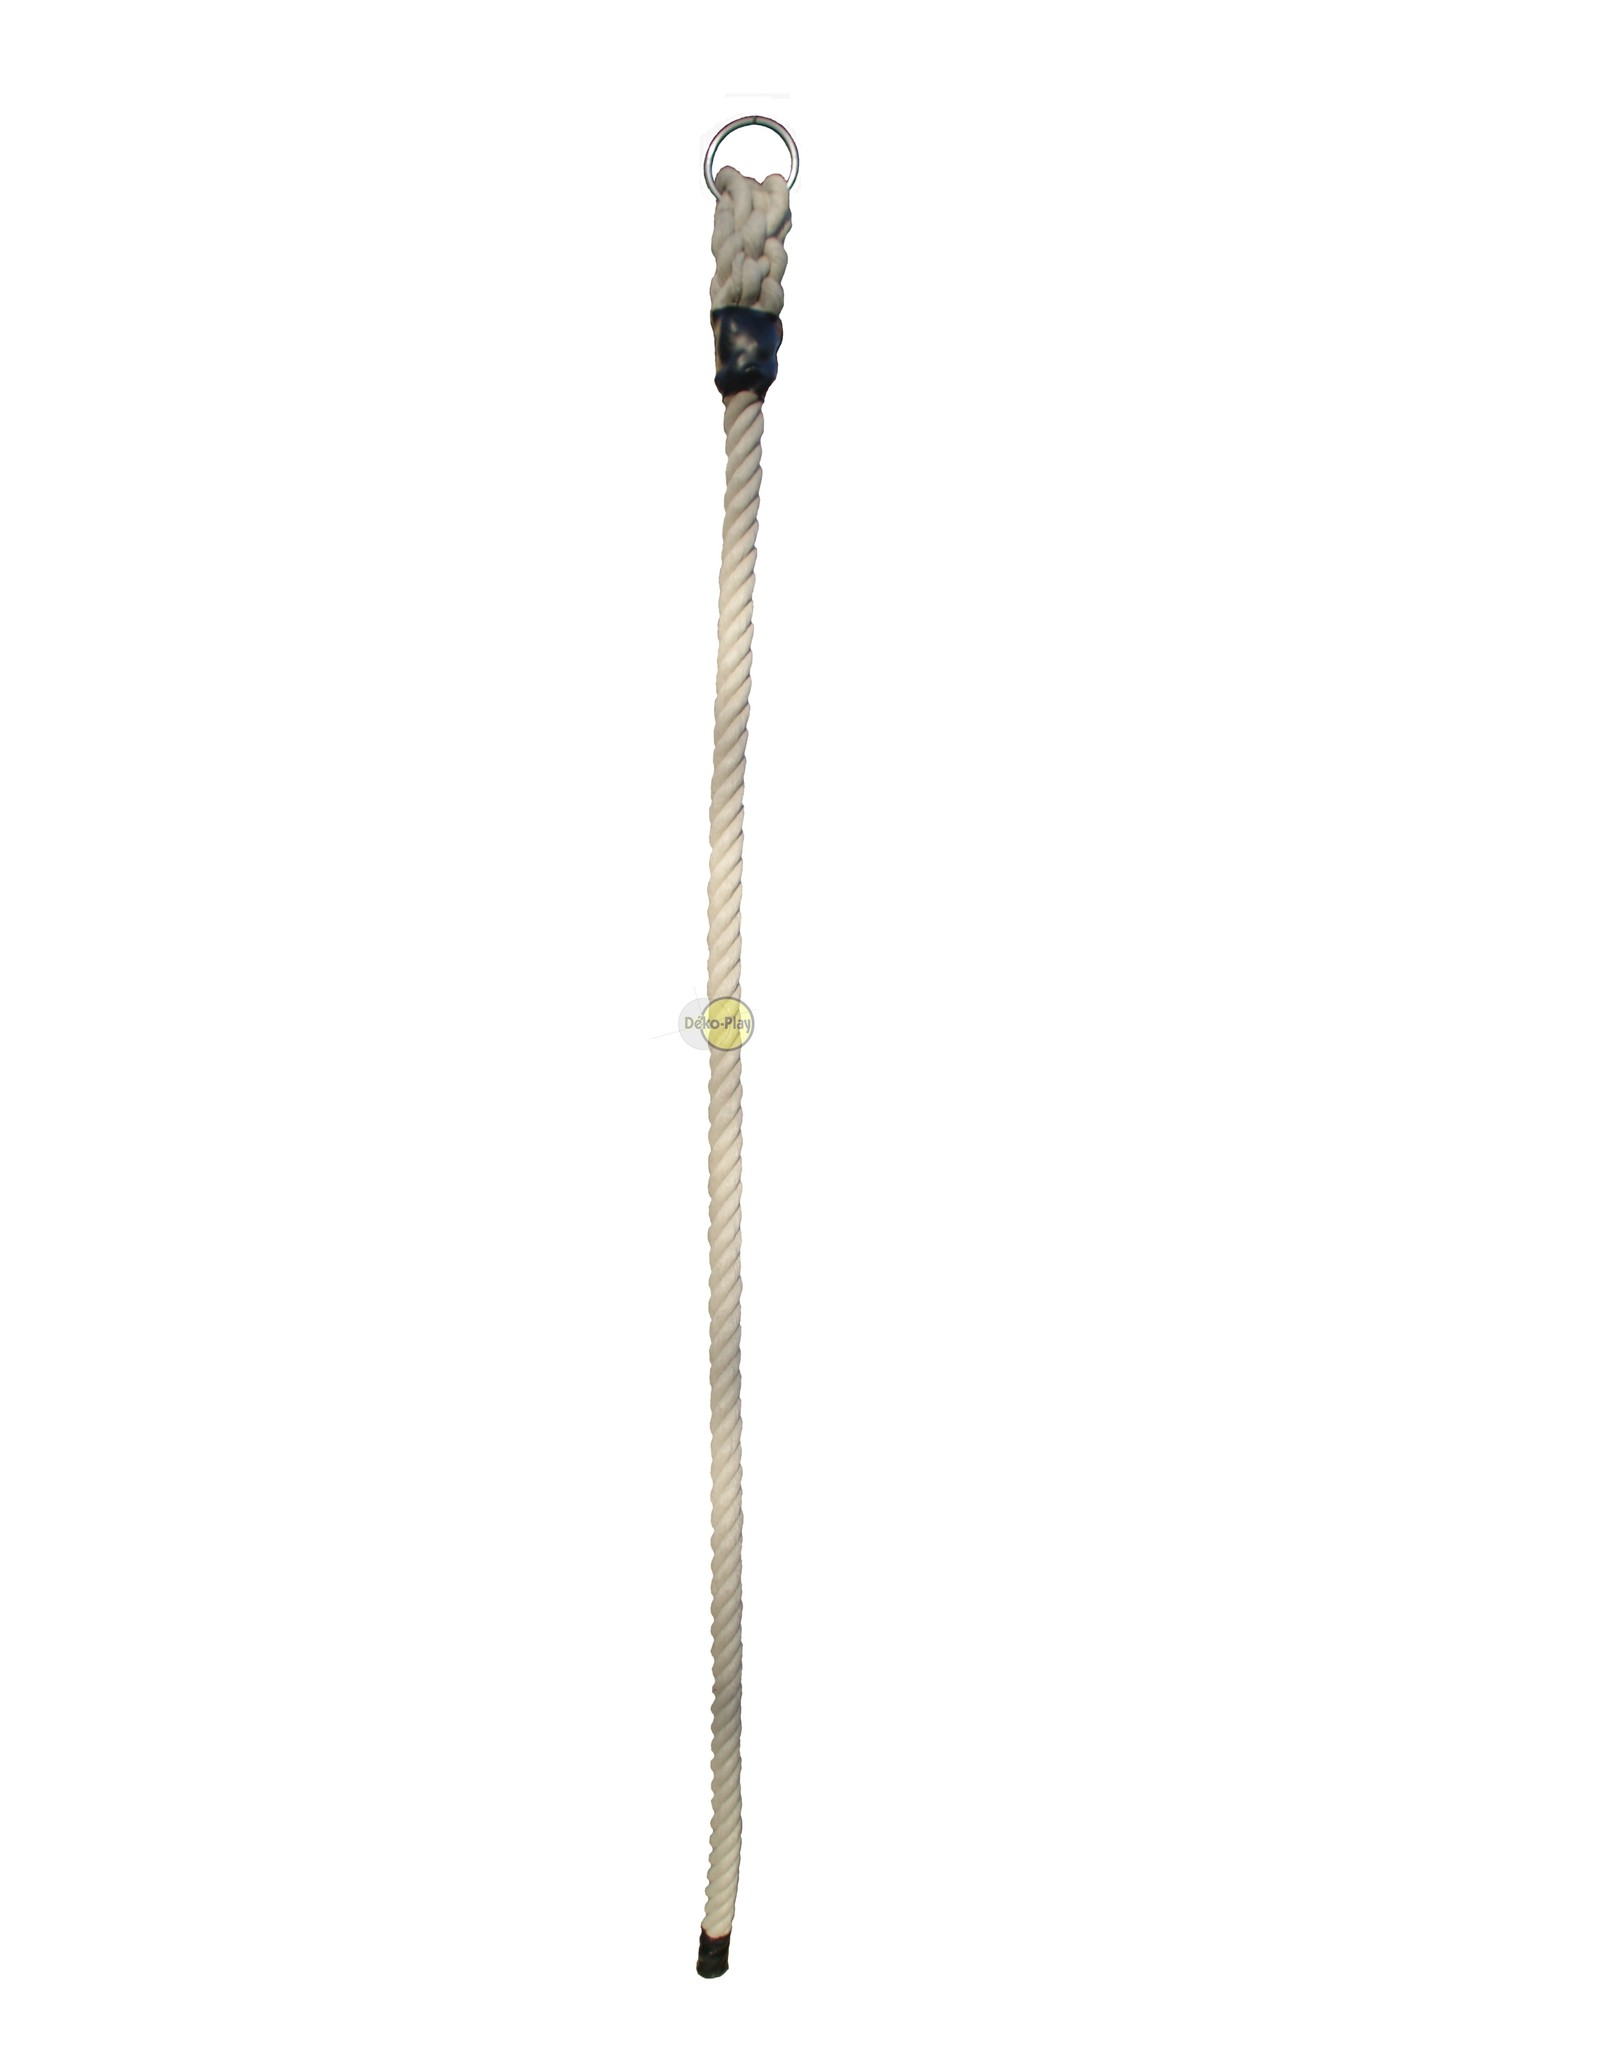 Déko-Play Déko-Play klimtouw 2.10 meter, 35mm